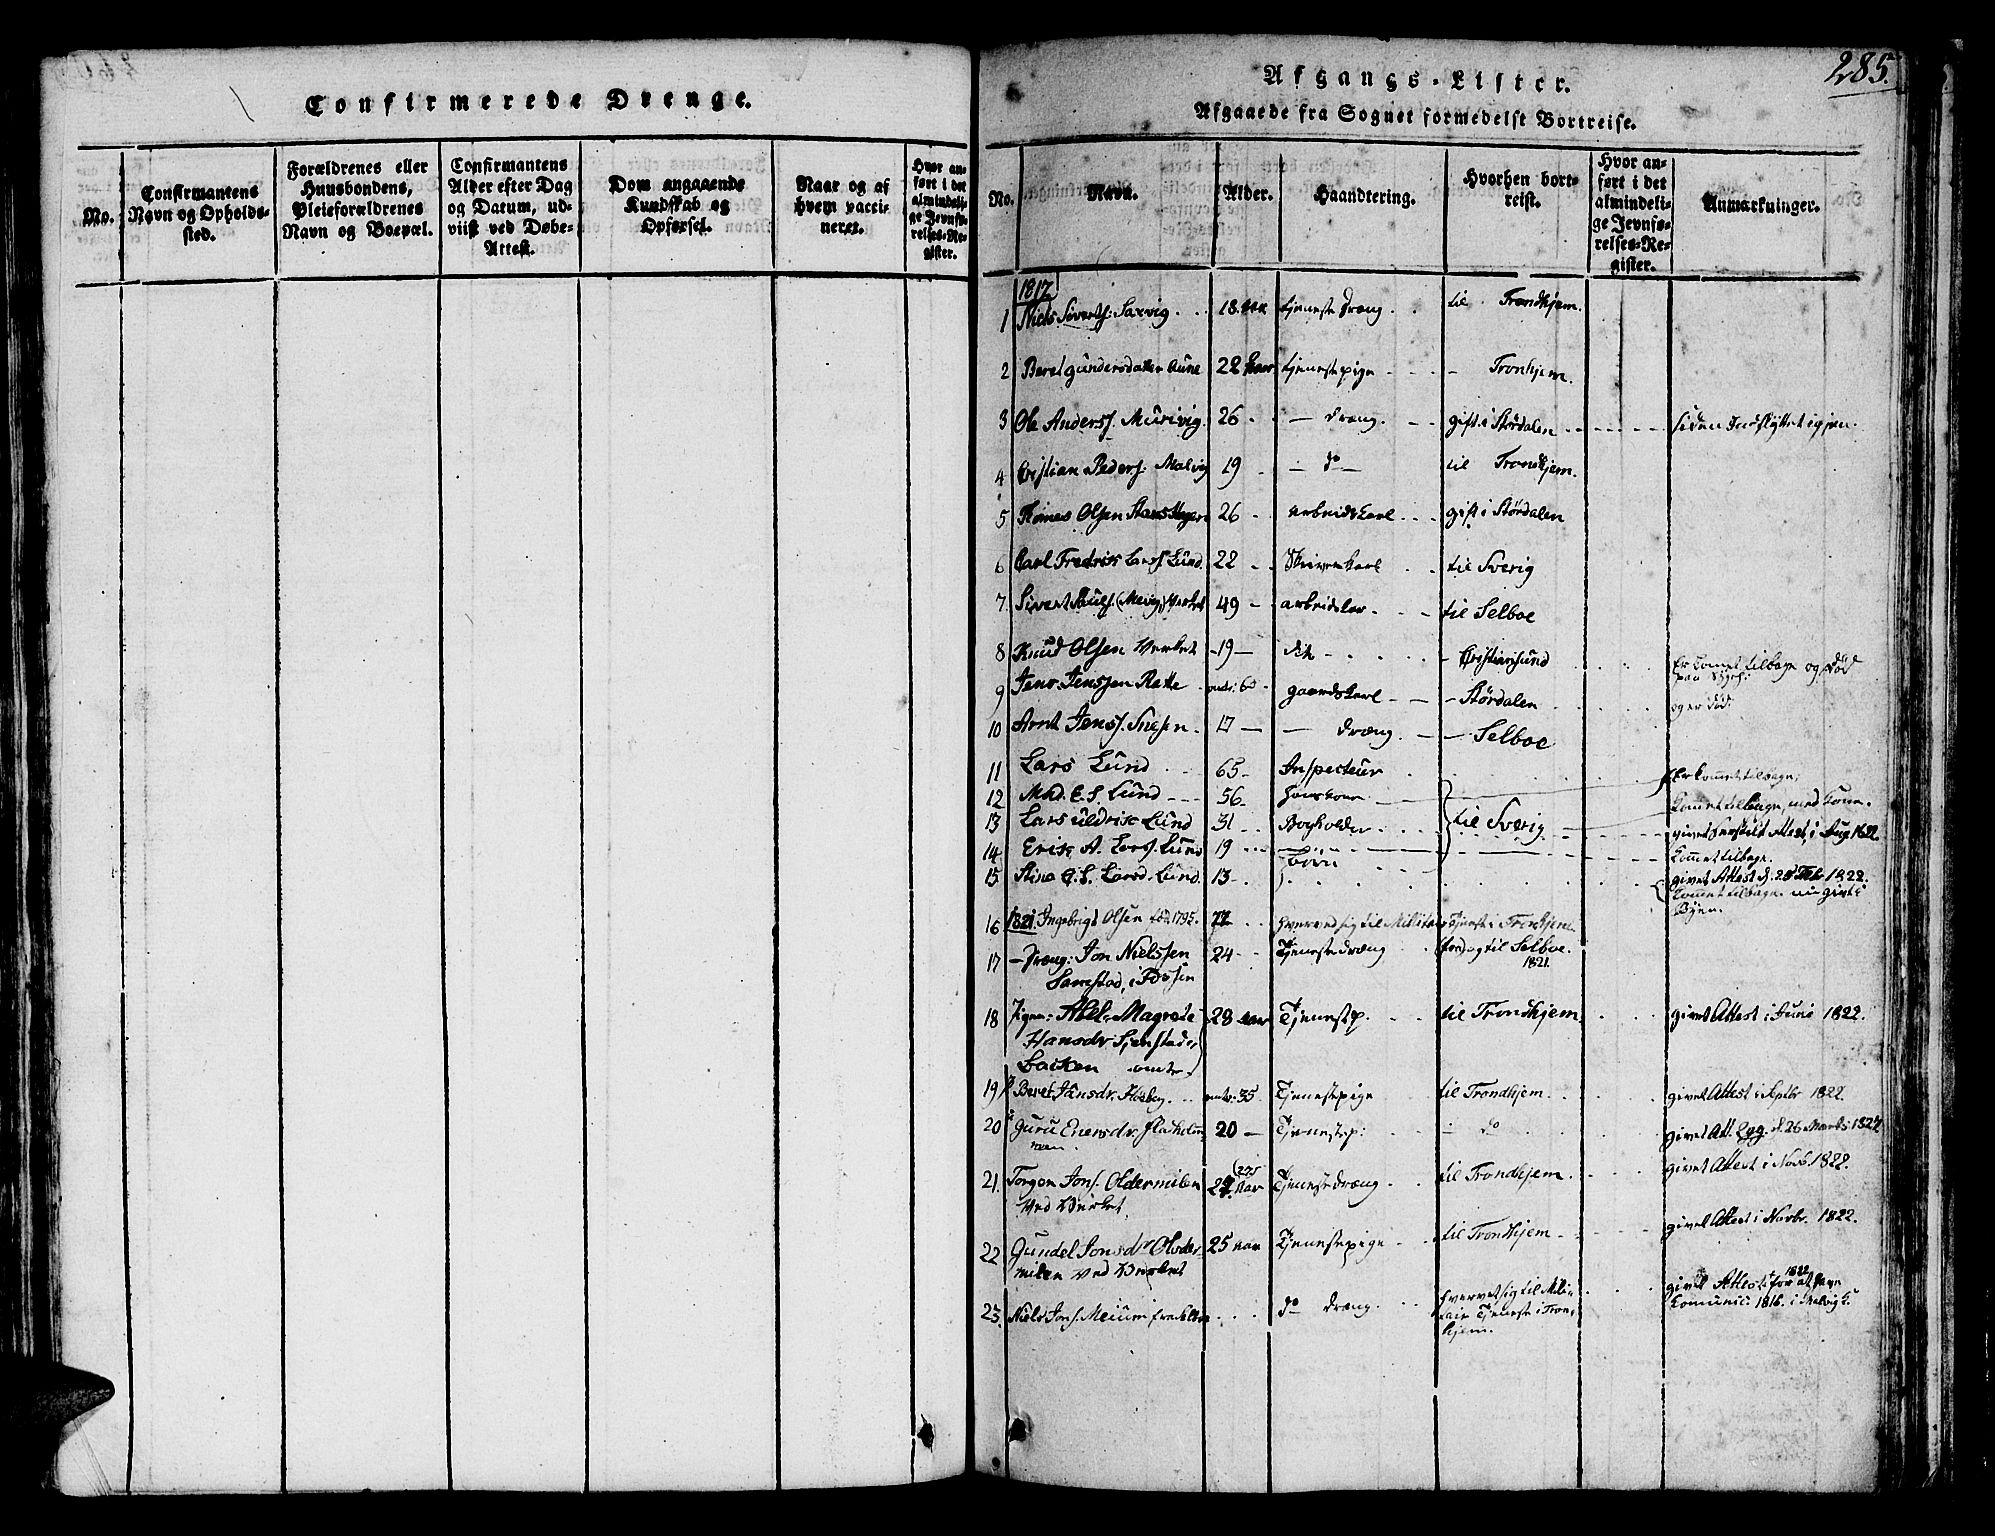 SAT, Ministerialprotokoller, klokkerbøker og fødselsregistre - Sør-Trøndelag, 616/L0420: Klokkerbok nr. 616C03, 1817-1835, s. 285